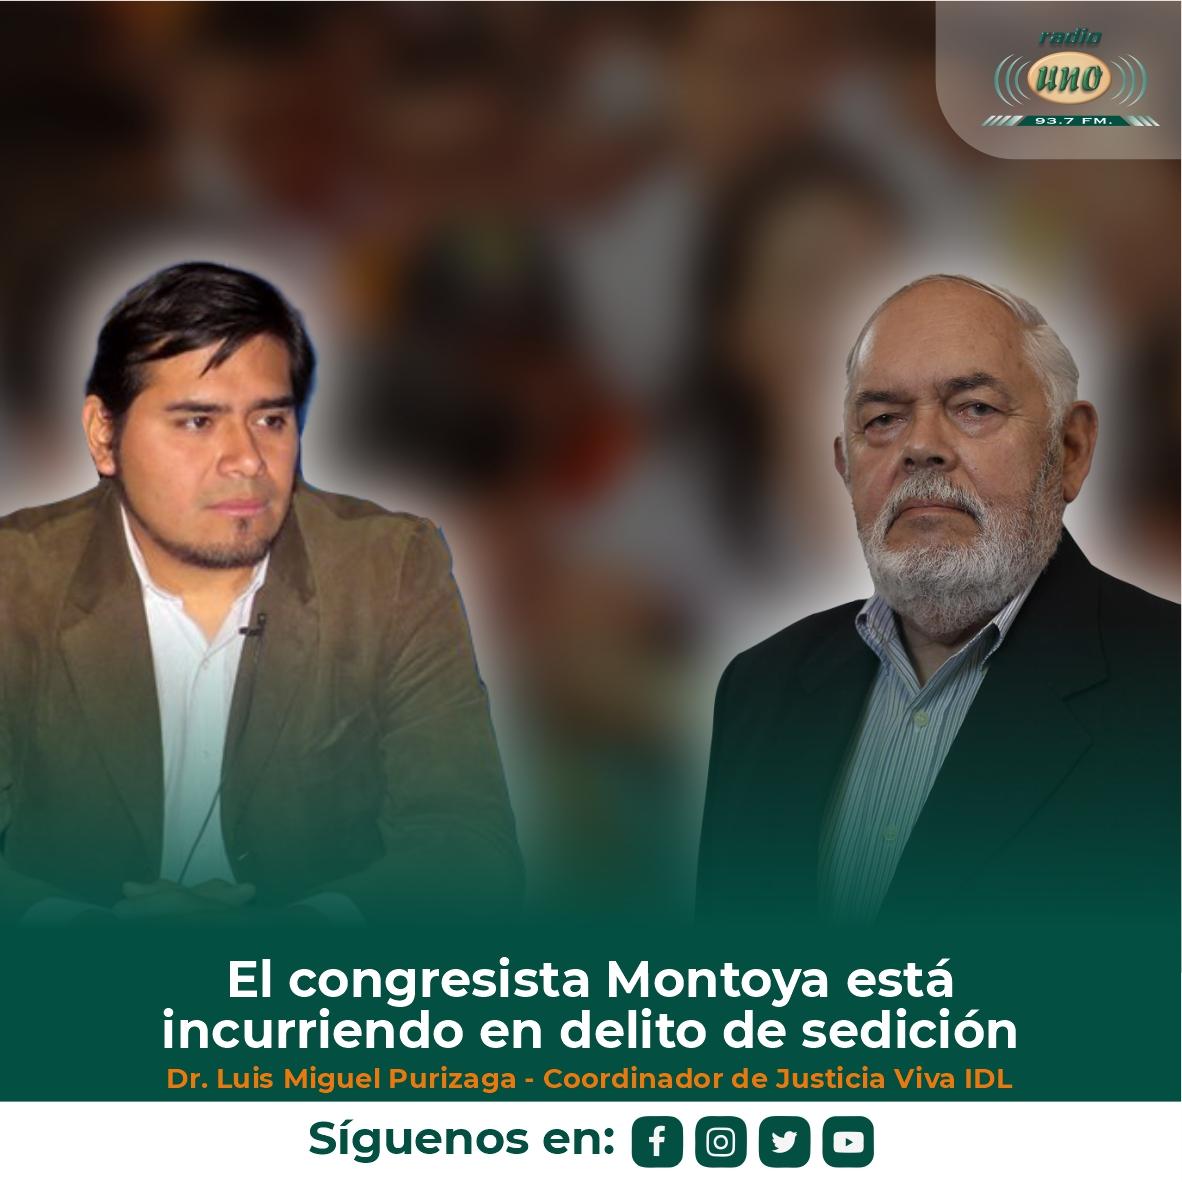 El congresista Montoya está incurriendo en delito de sedición